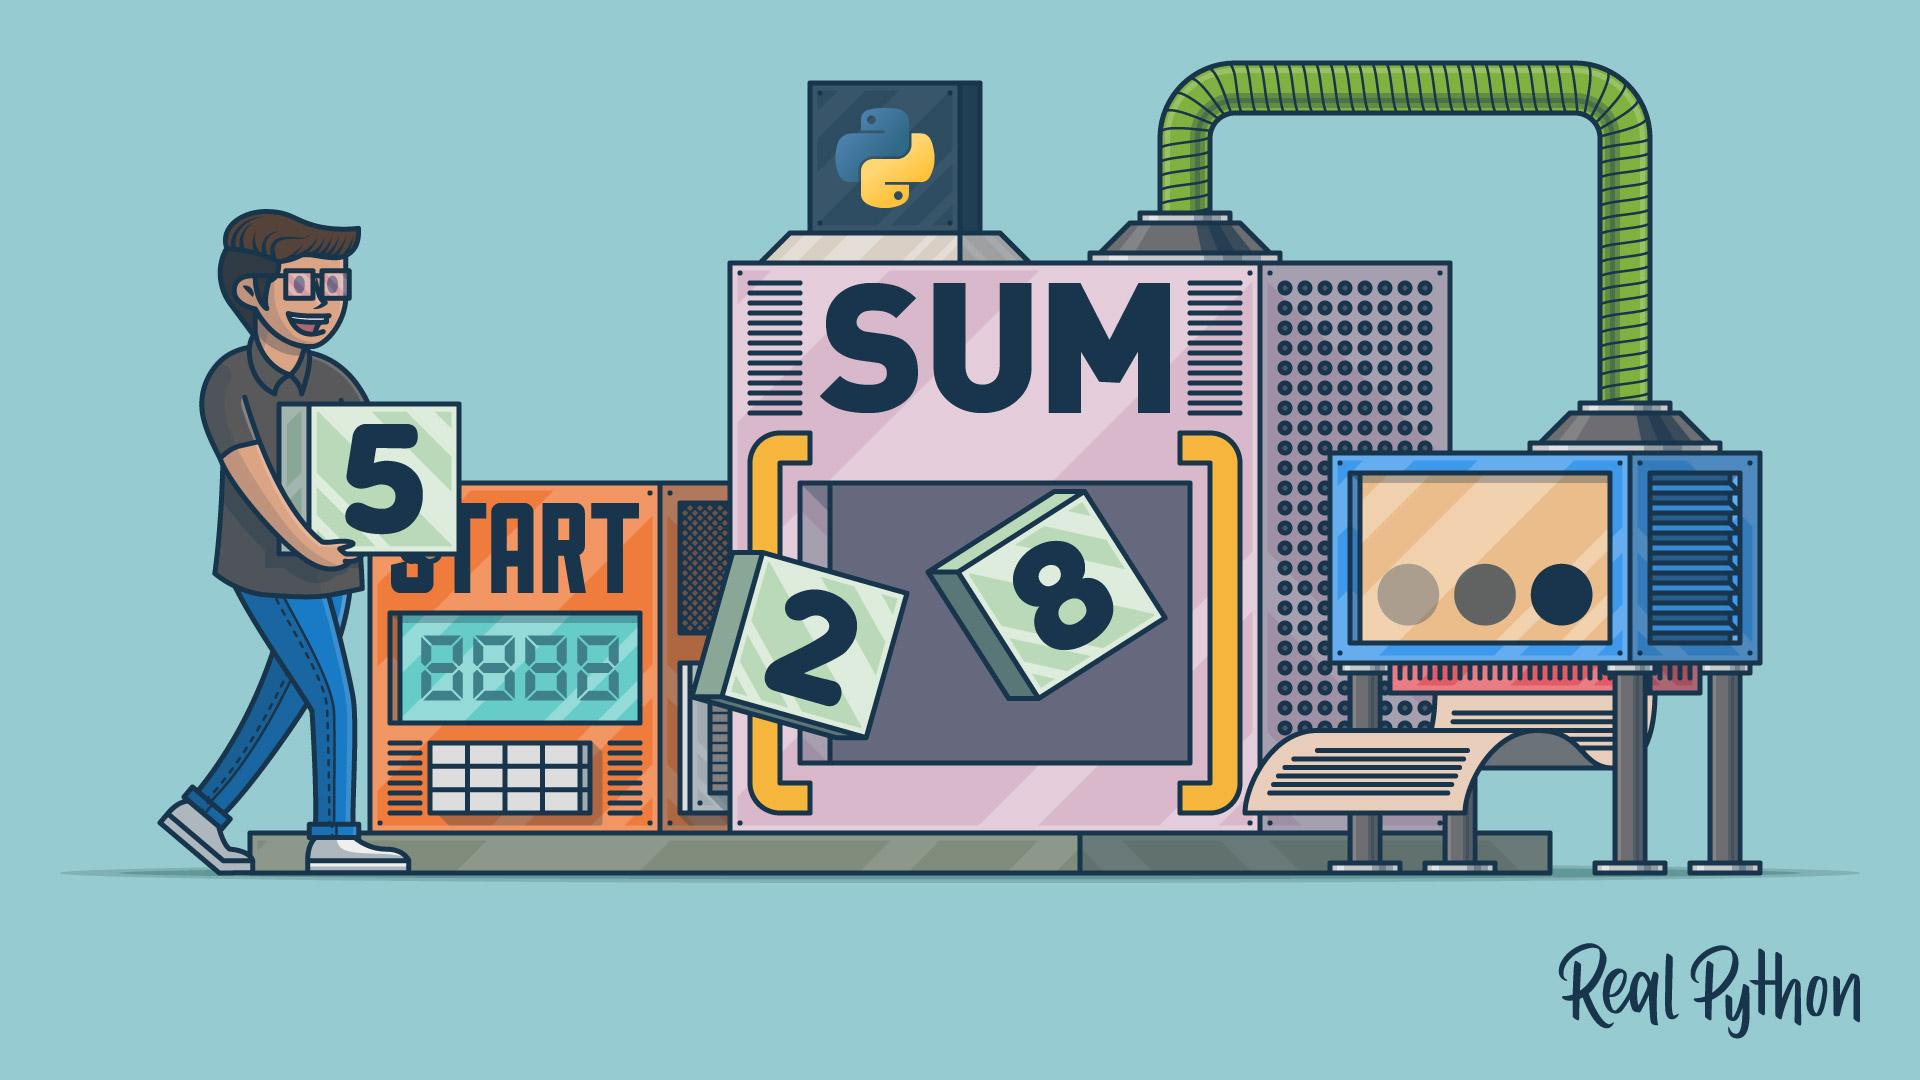 Python's sum(): The Pythonic Way to Sum Values